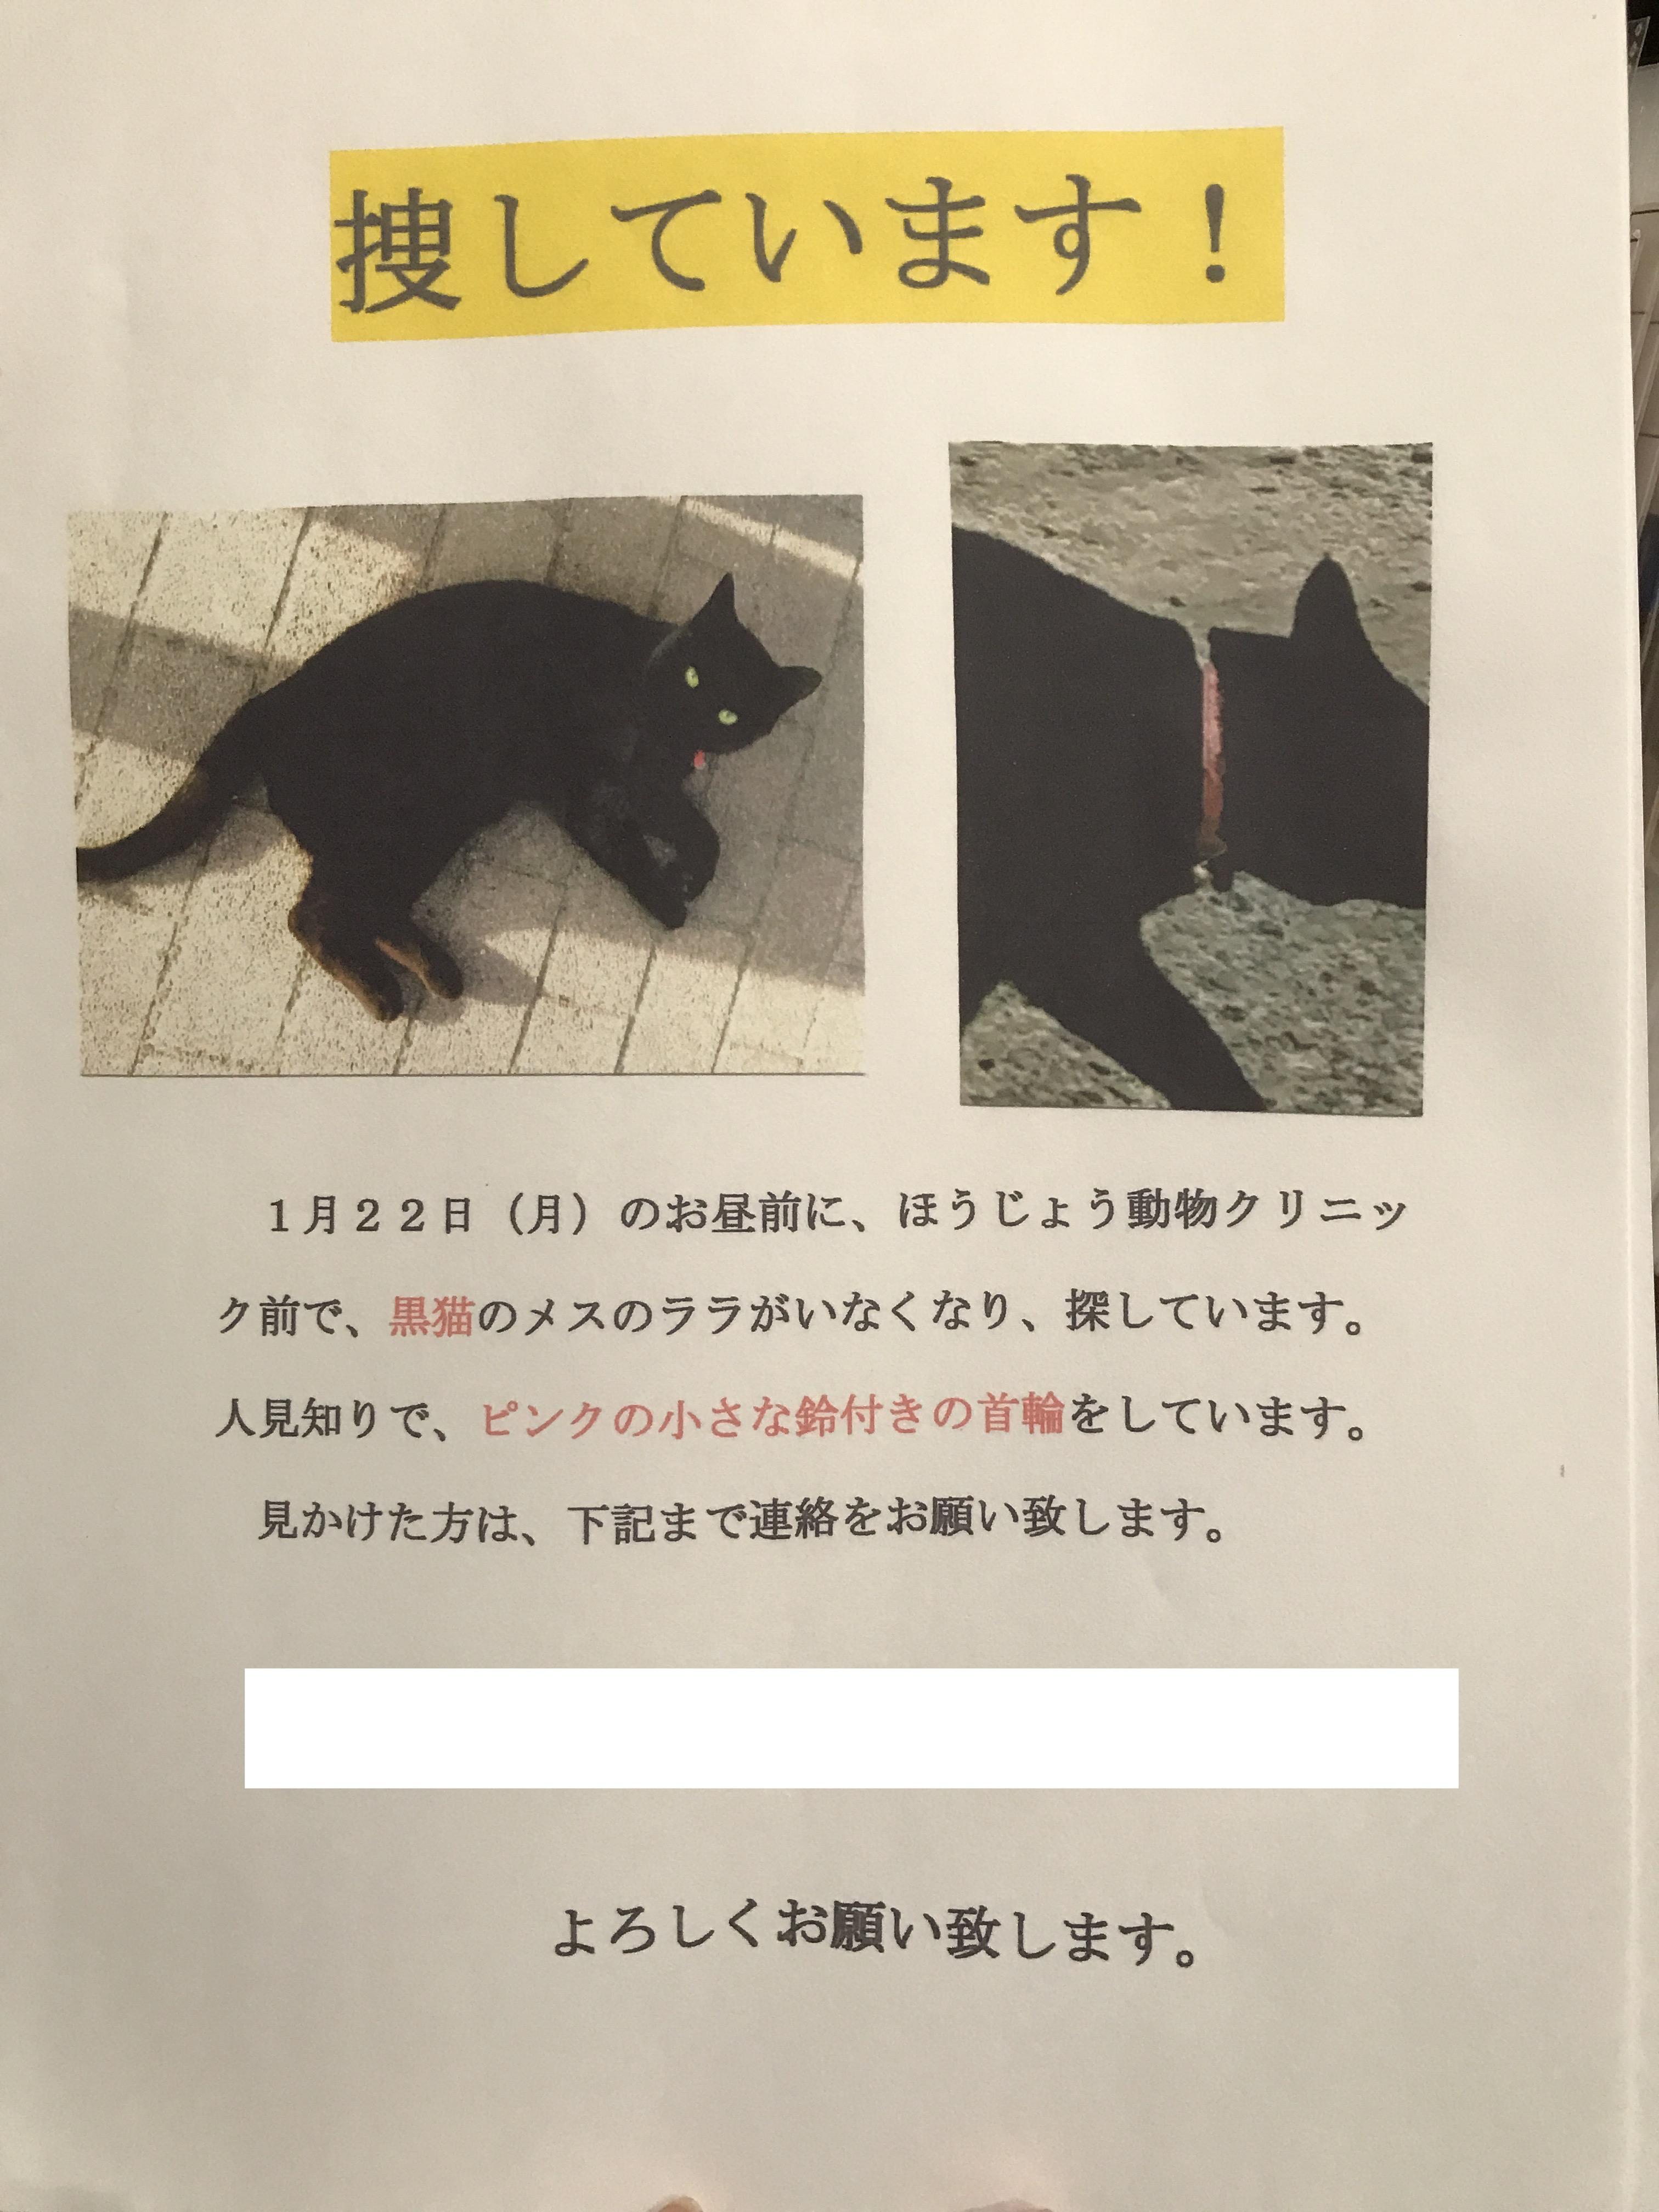 猫ちゃんが迷子です。